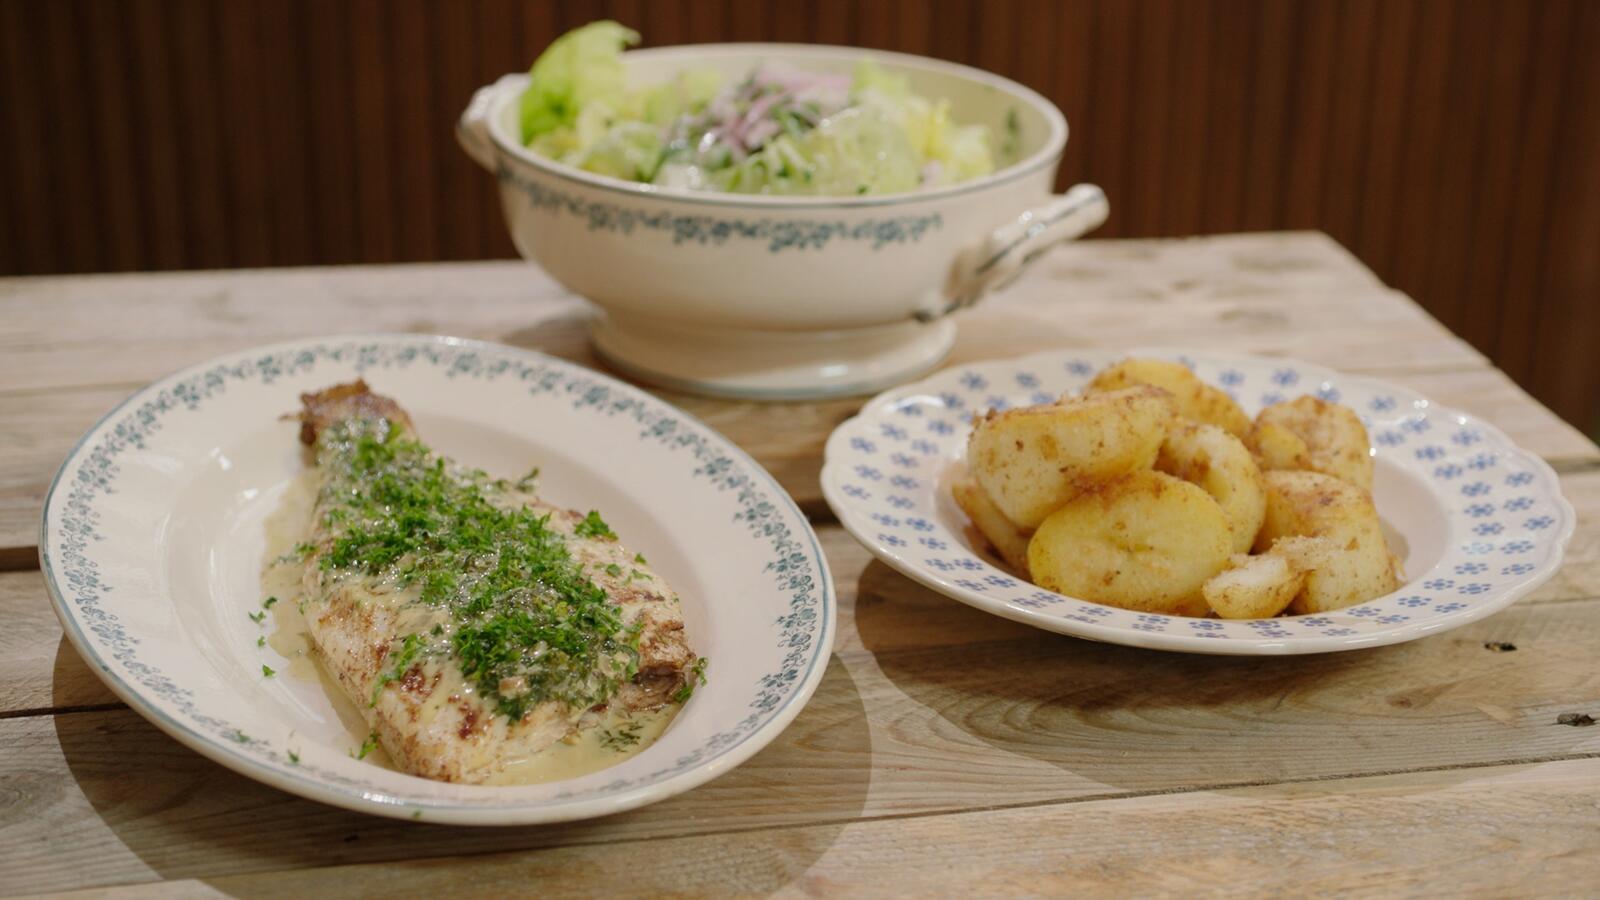 Tongschar met peterseliesaus, aardappelen en kropsla